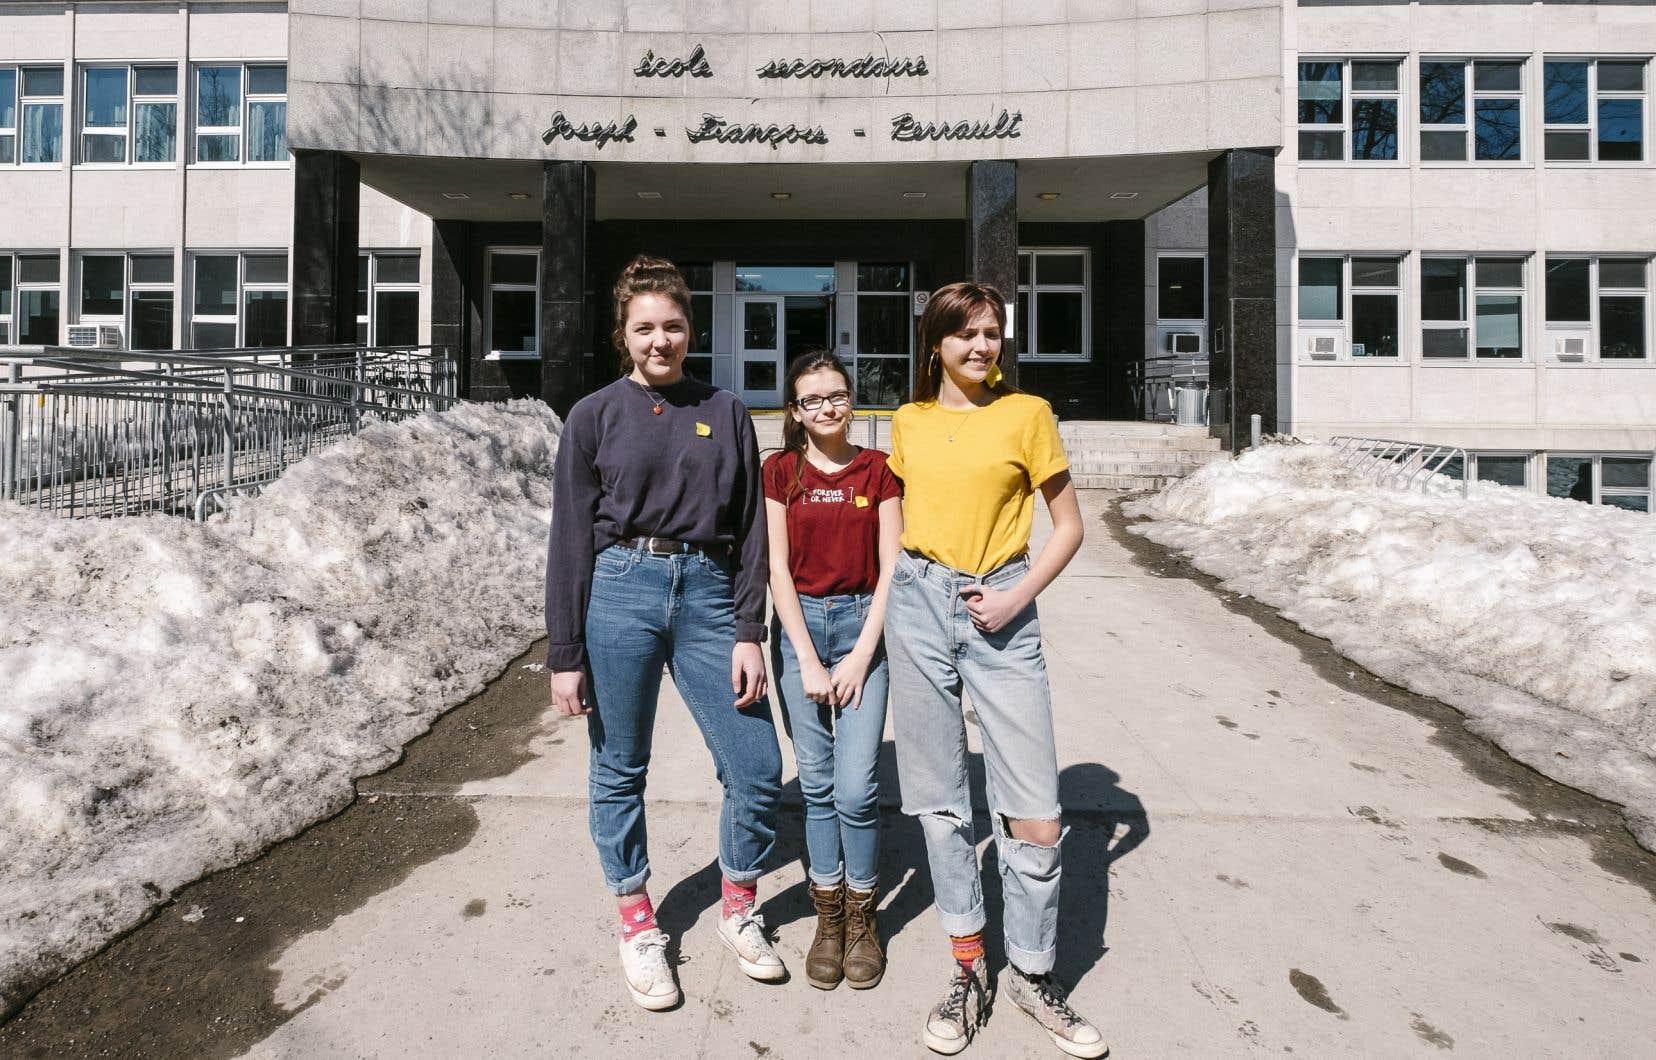 Des élèves de la région de Québec ont remis en question les règles  entourant la tenue 5f5765de156